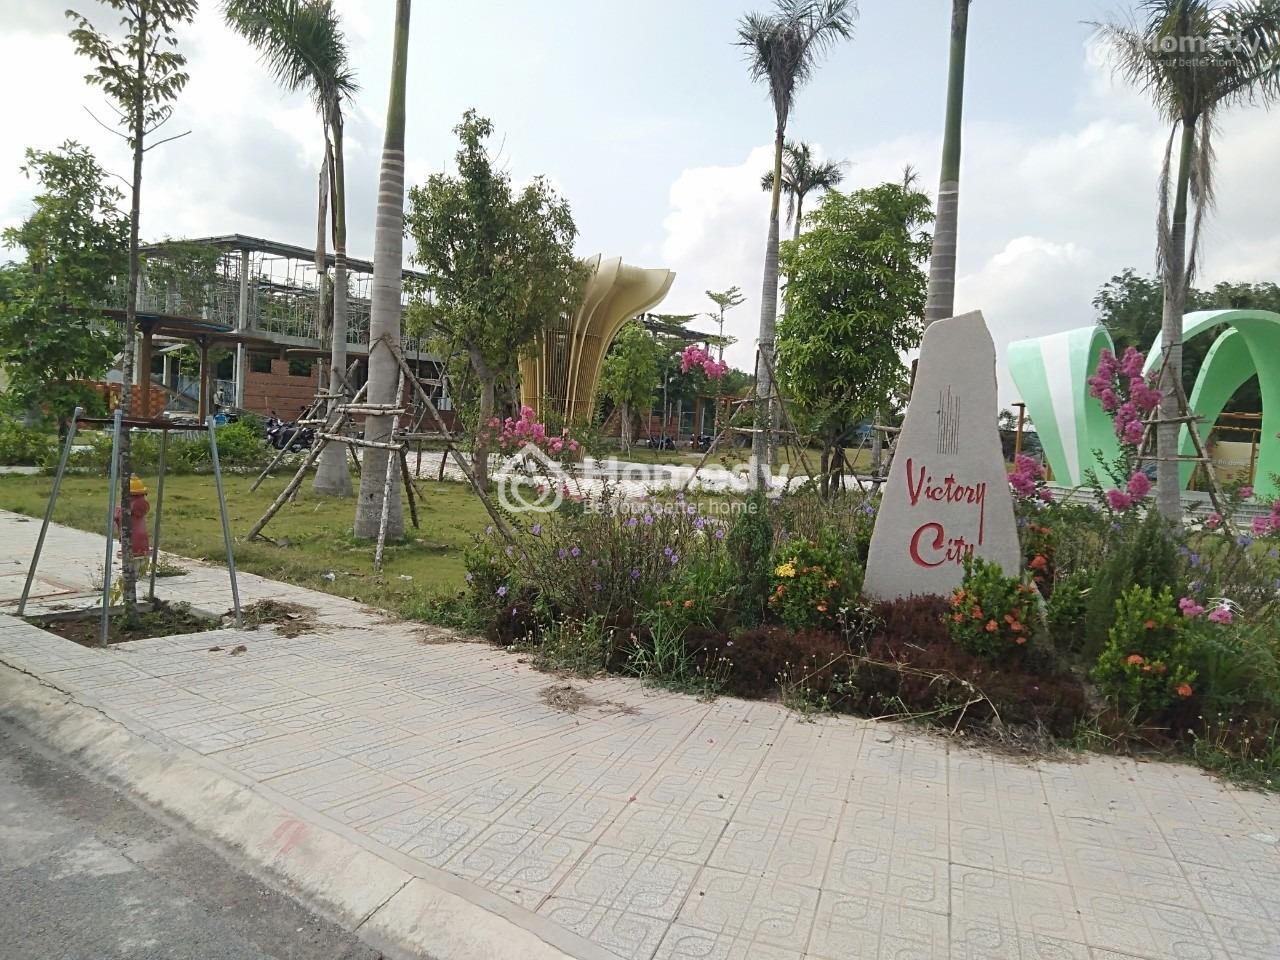 Bán đất nền dự án quận Tân Uyên - Bình Dương giá 820.00 triệu